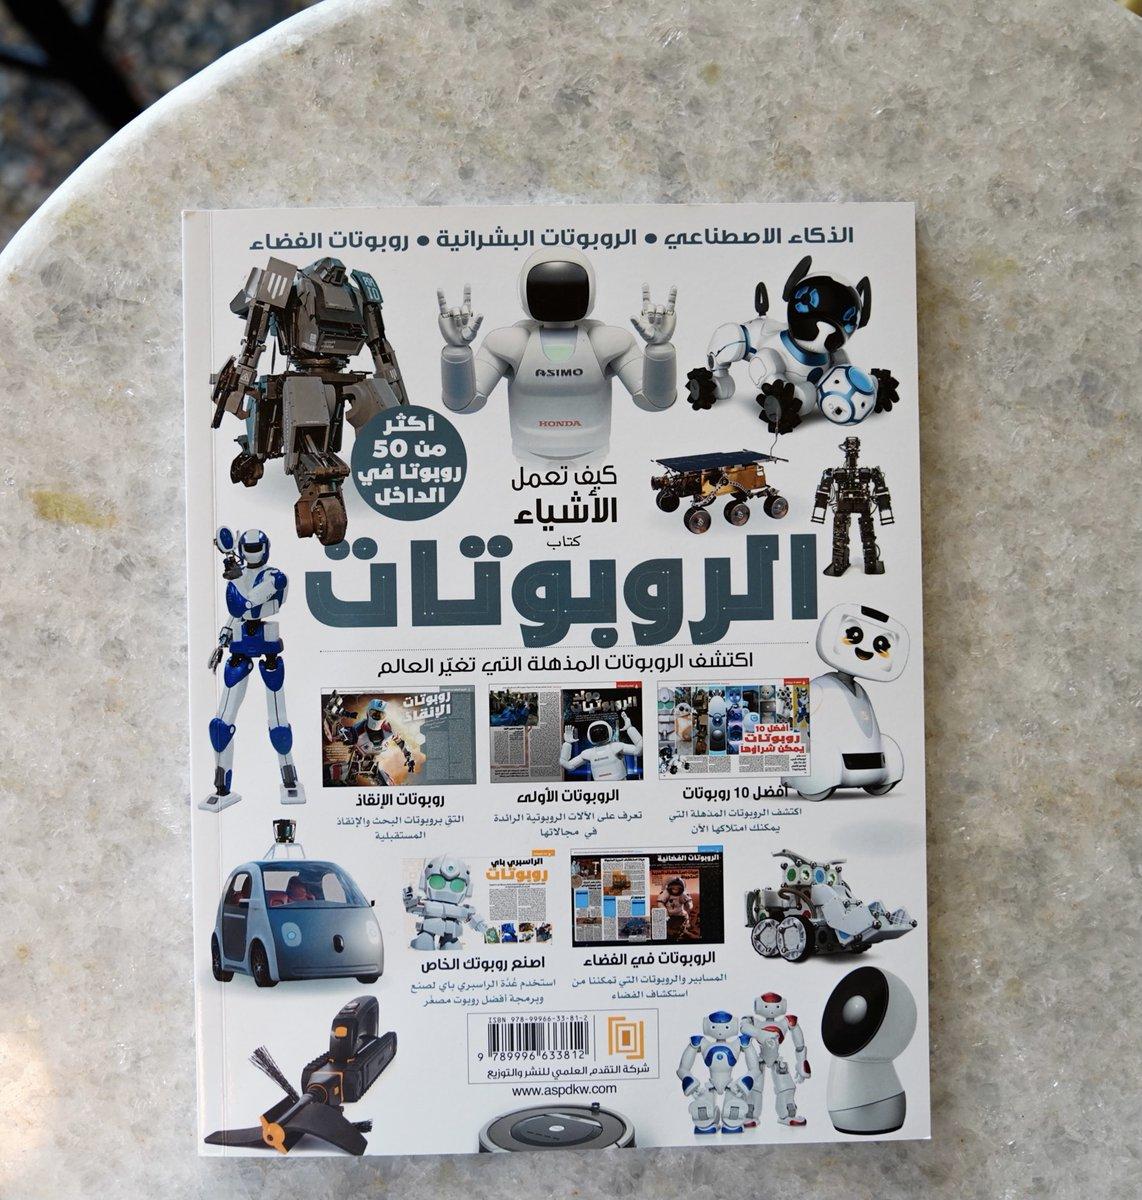 كتاب الروبوتات  بسعر مخفض   اكتشف أفضل الروبوتات التي يمكنك امتلاكها في الوقت الراهن. كيف تجعل الروبوتات الكون أصغر حجما من أي وقت مضى. وأخيرا، ستتعلم كيف تصنع روبوتك الشخصي الأول  قيمة النسخة الان 2 دينار كويتي   للطلب    #معرض_الكويت_الافتراضي_للكتاب